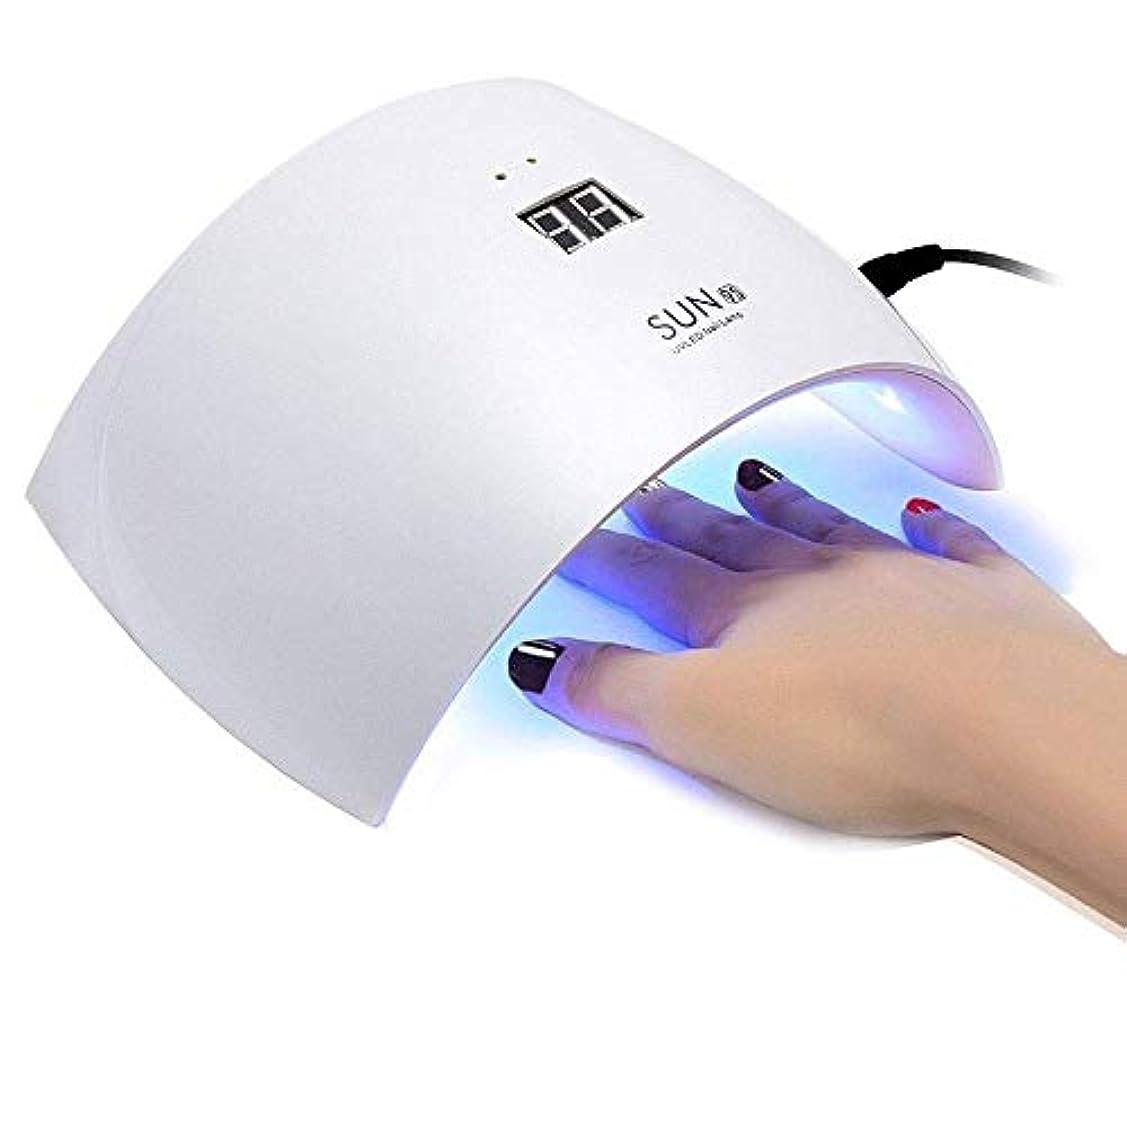 いいね秘密の酸化するDHINGM ランプ、24Wの電源を爪。15 UV + LEDデュアルソースのLED、速硬化、非常にエネルギー効率、耐久性に優れたインテリジェントな自動センシングは、爪を傷つけることはありません